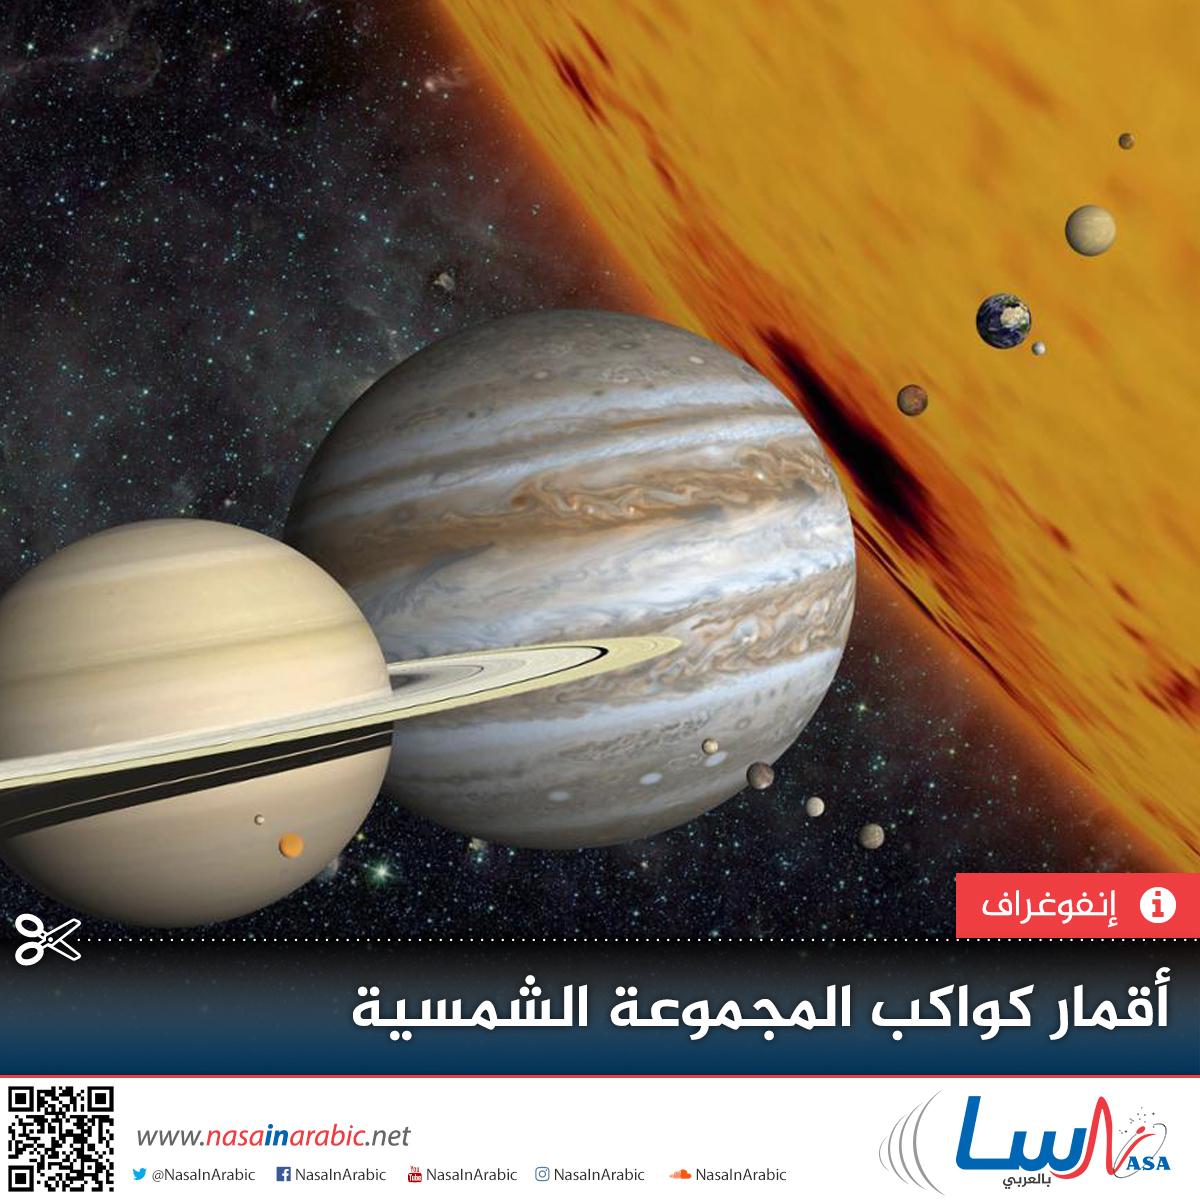 ناسا بالعربي عدد الأقمار في كواكب المجموعة الشمسية